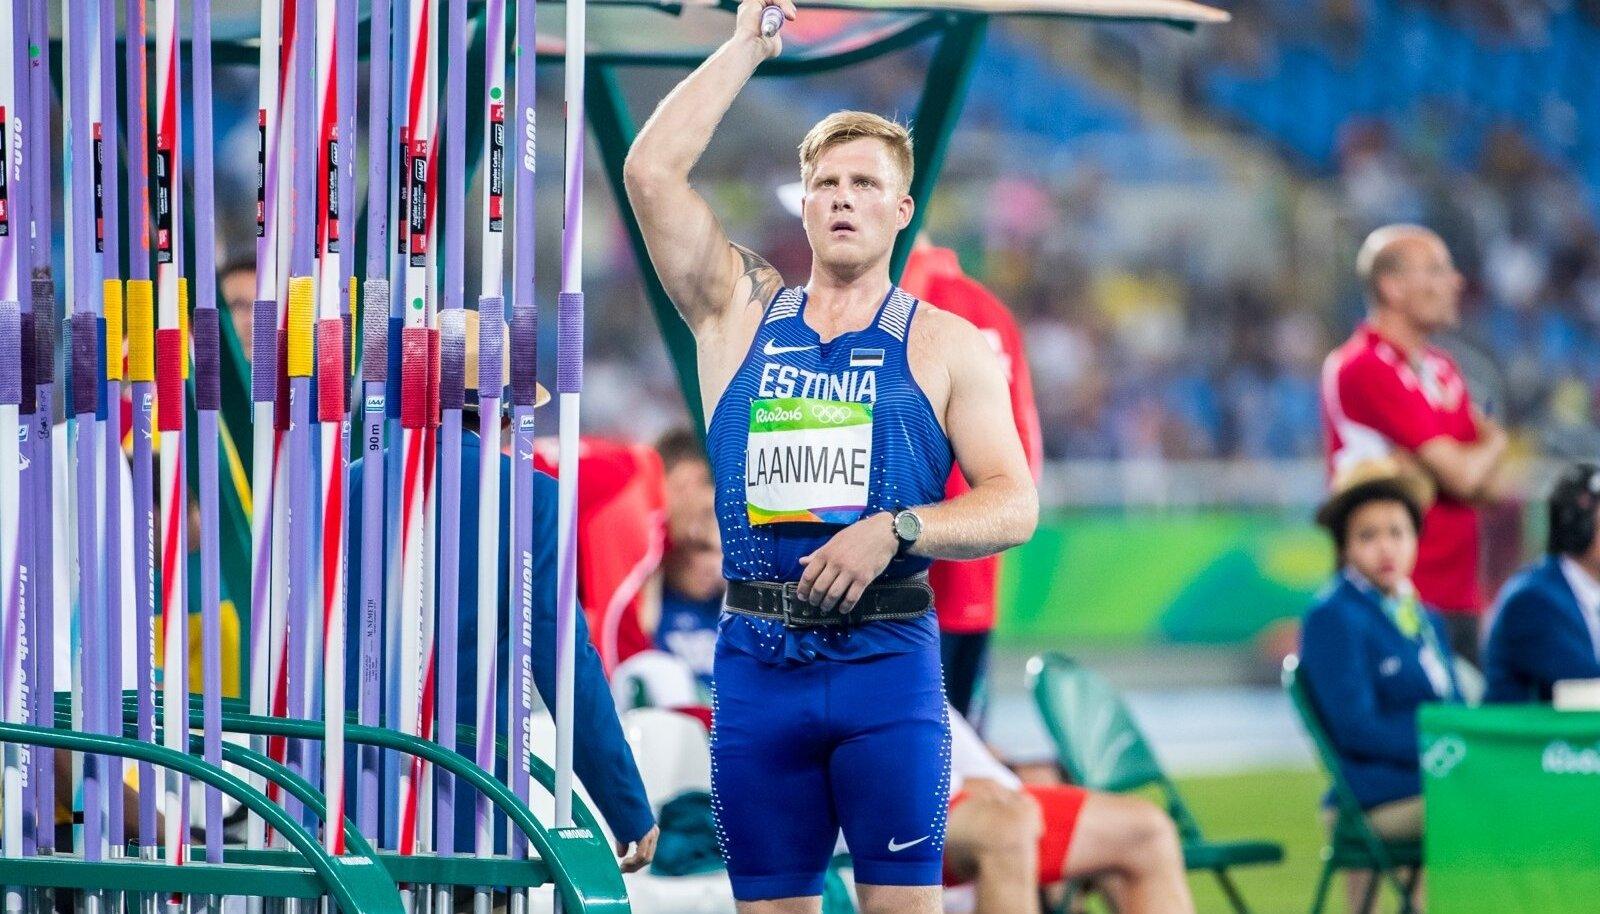 Tanel Laanmäe Rio de Janeiro olümpial